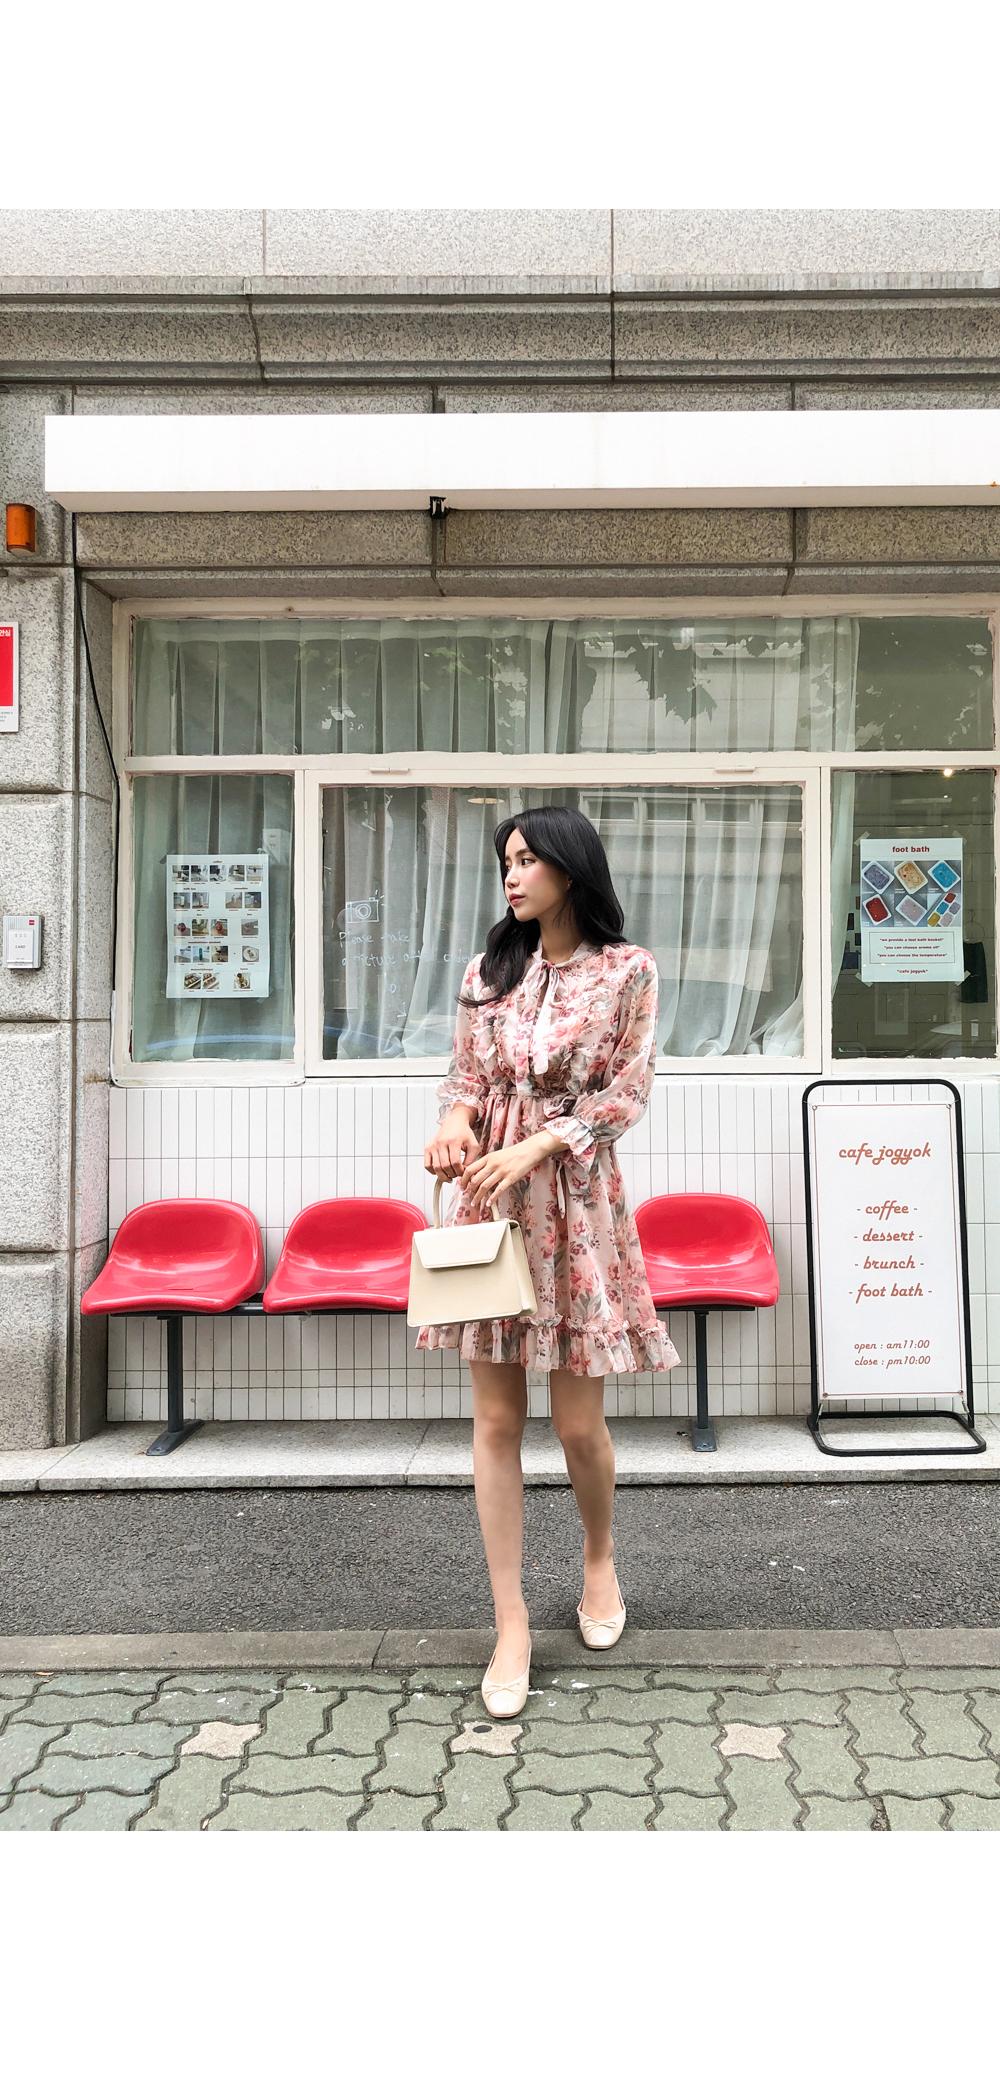 Feminine beauty filled flower dress